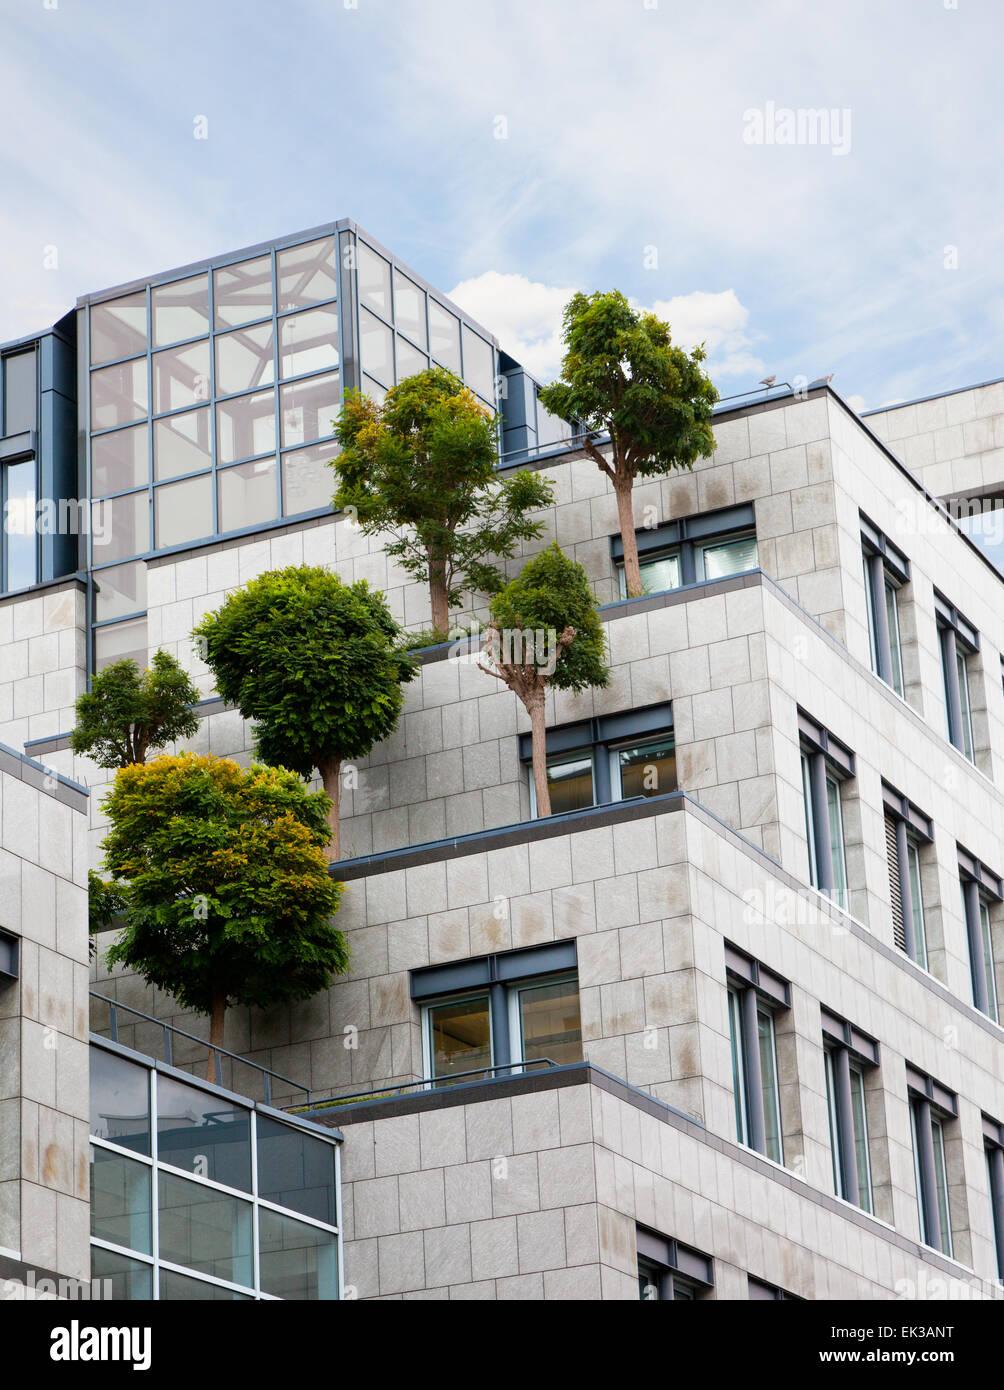 Bäume wachsen auf dem Dach des Business-Centers, die Lösung von Umweltproblemen Stockbild